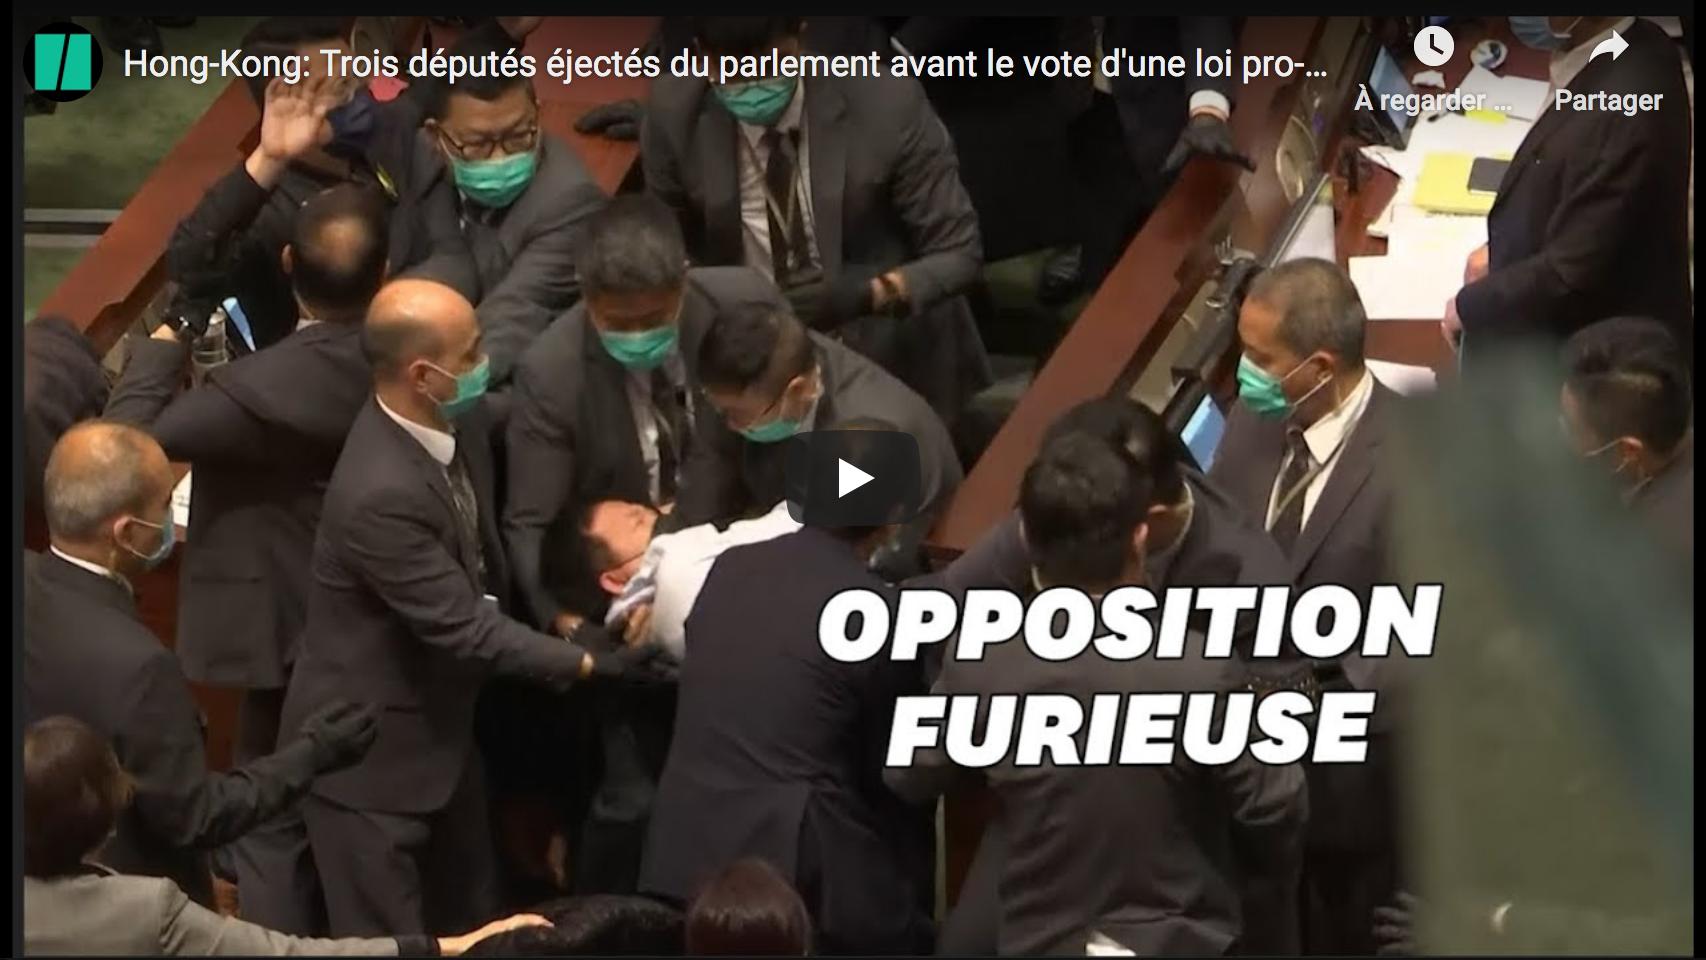 Hong-Kong : Trois députés éjectés du parlement avant le vote d'une loi pro-Pékin (VIDÉO)